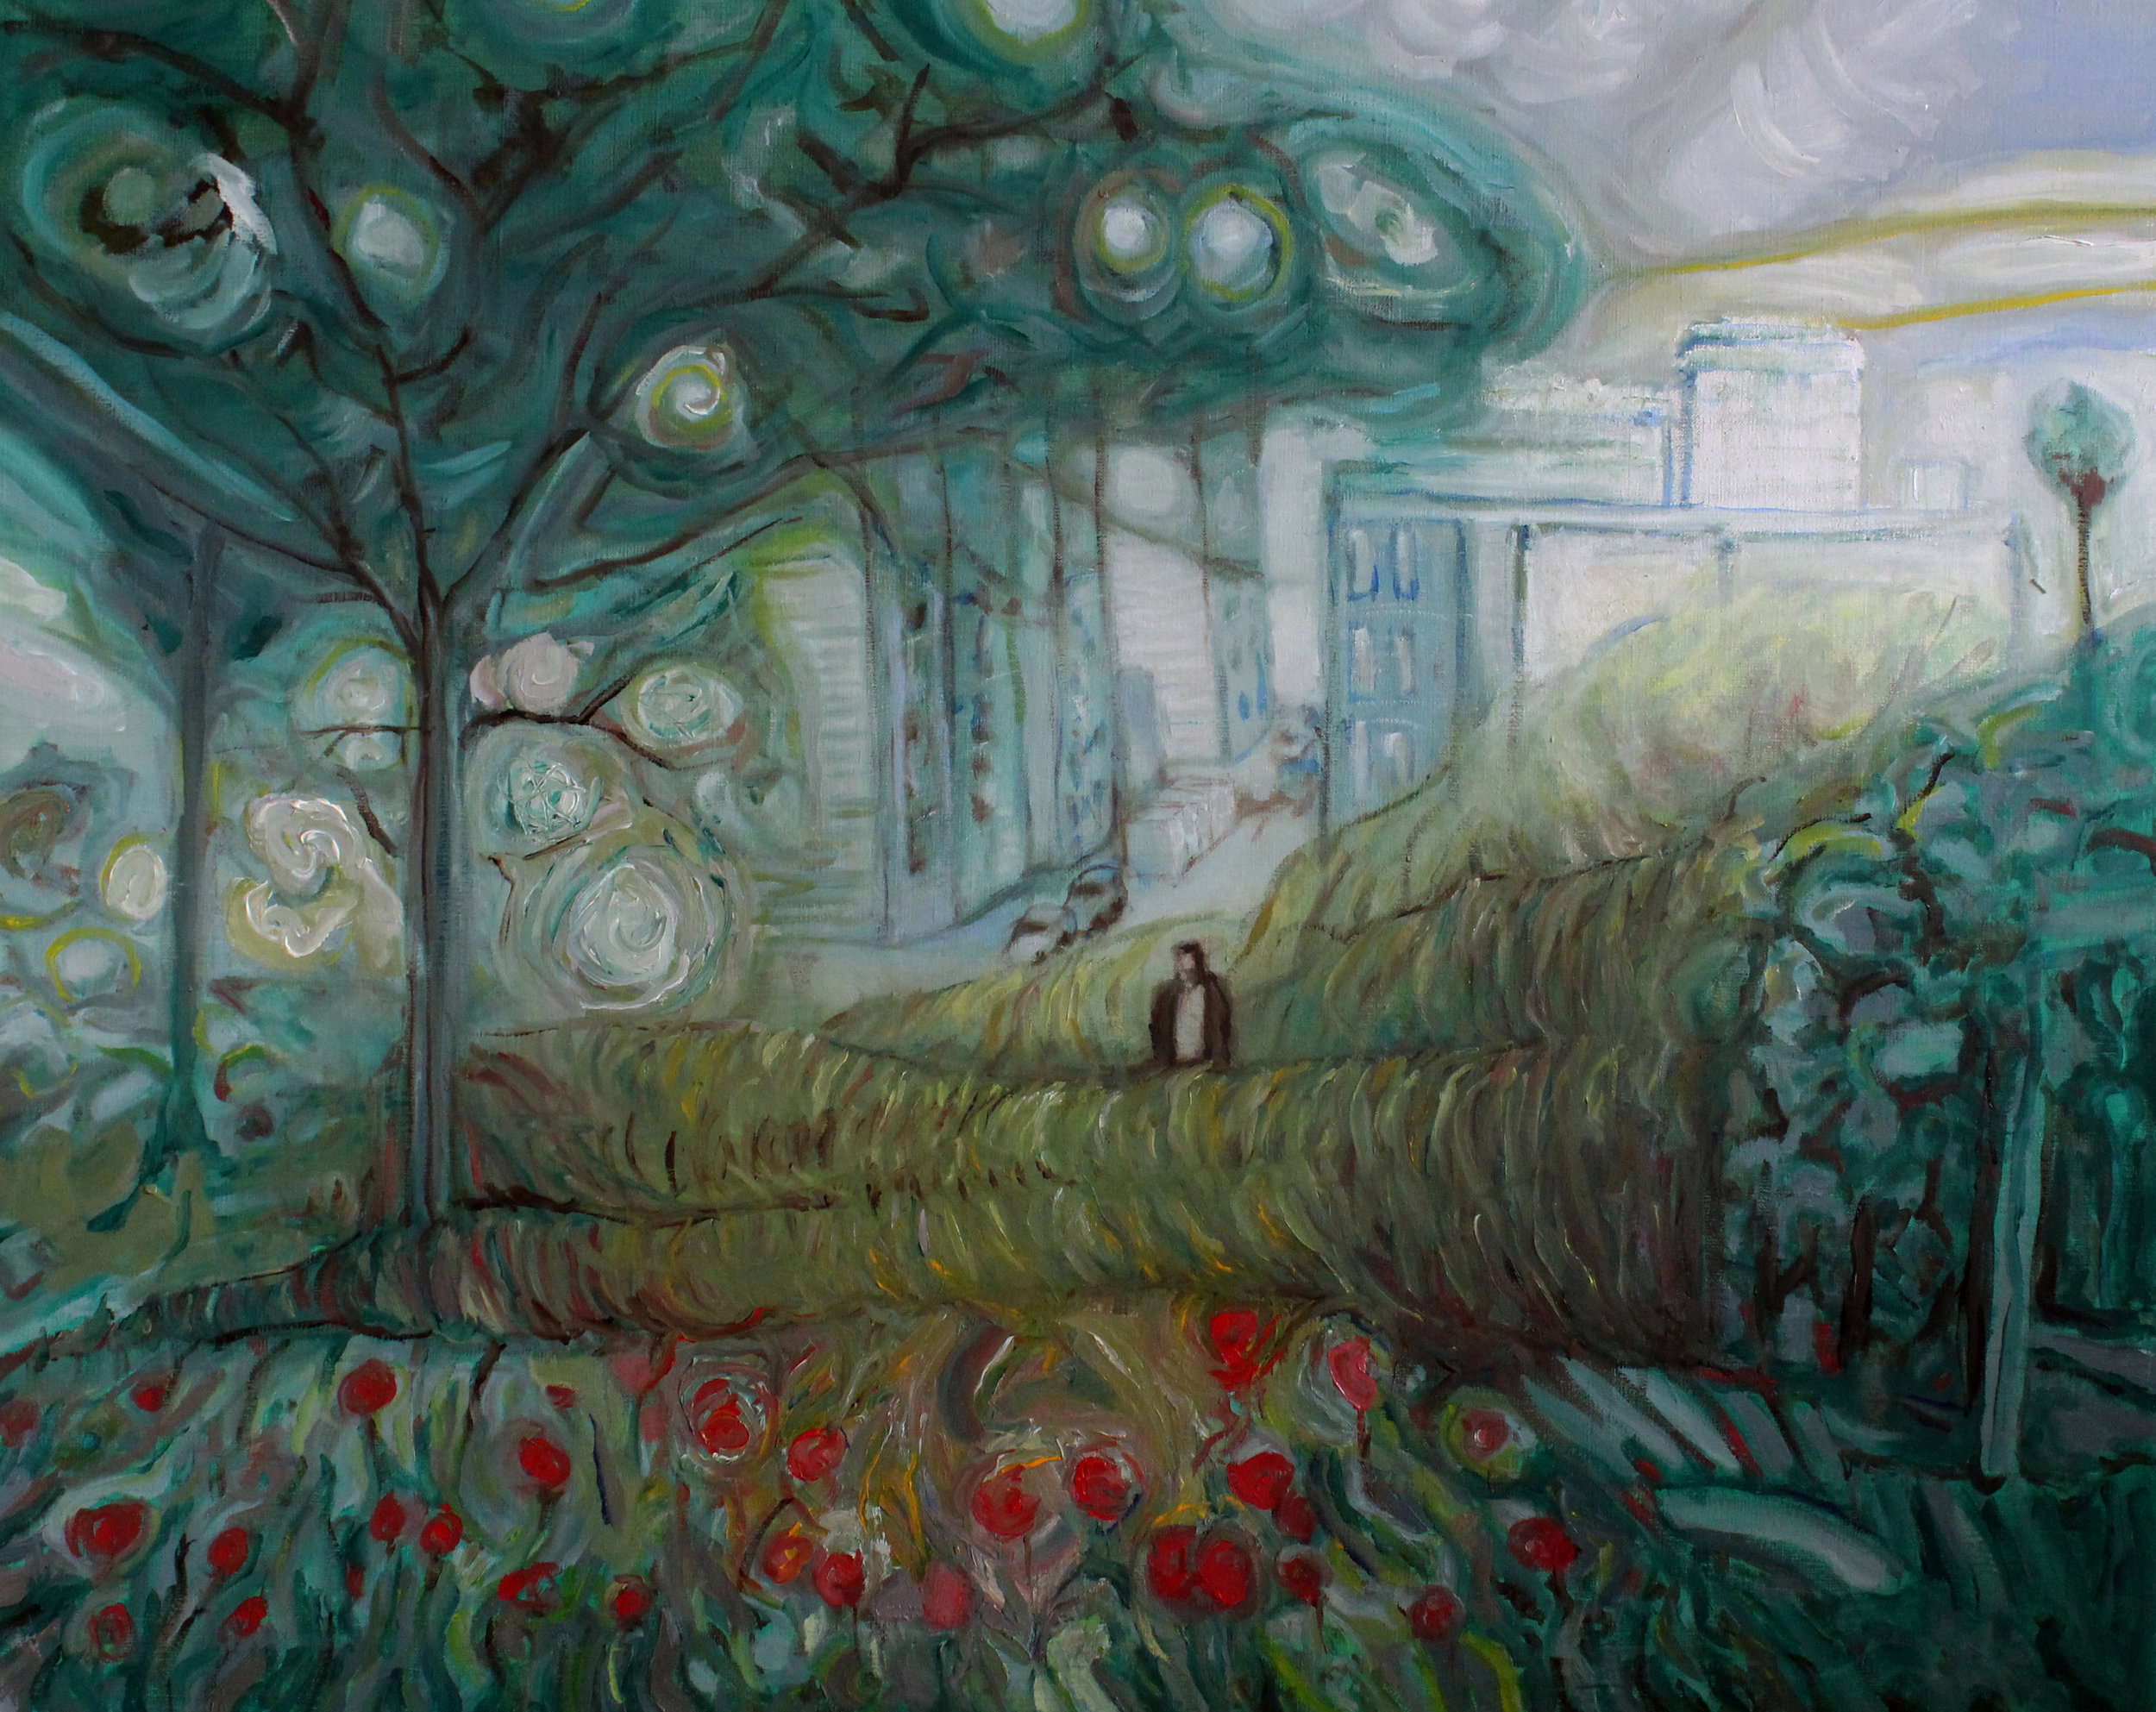 Krabbé zoek van Gogh - Montmartre 1